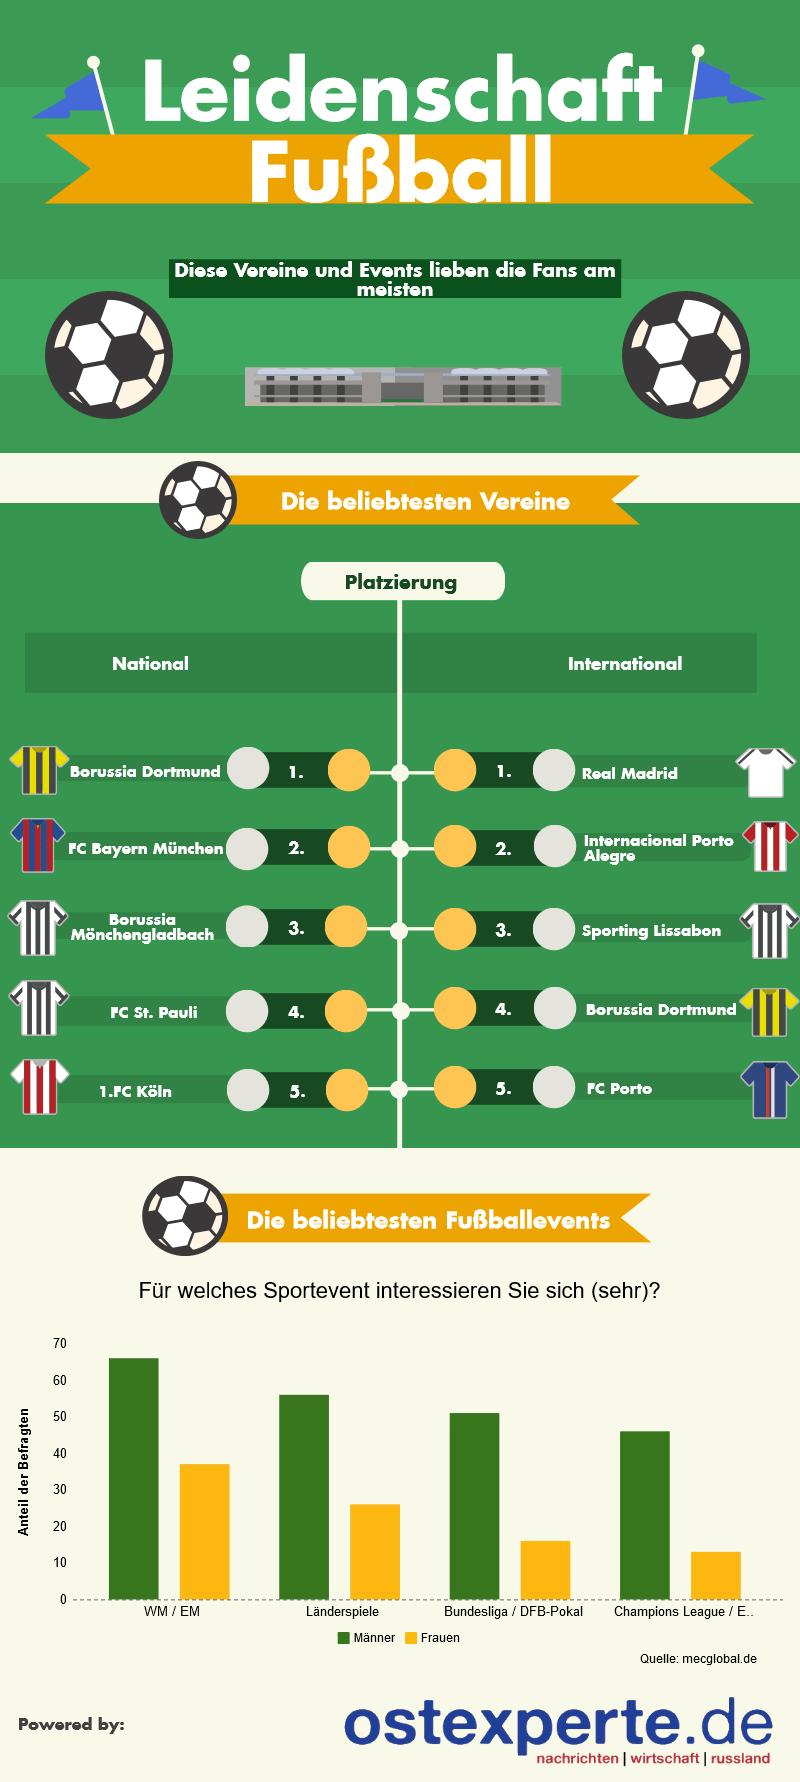 Infografik zu den beliebtesten Fußballvereinen und Sportevents